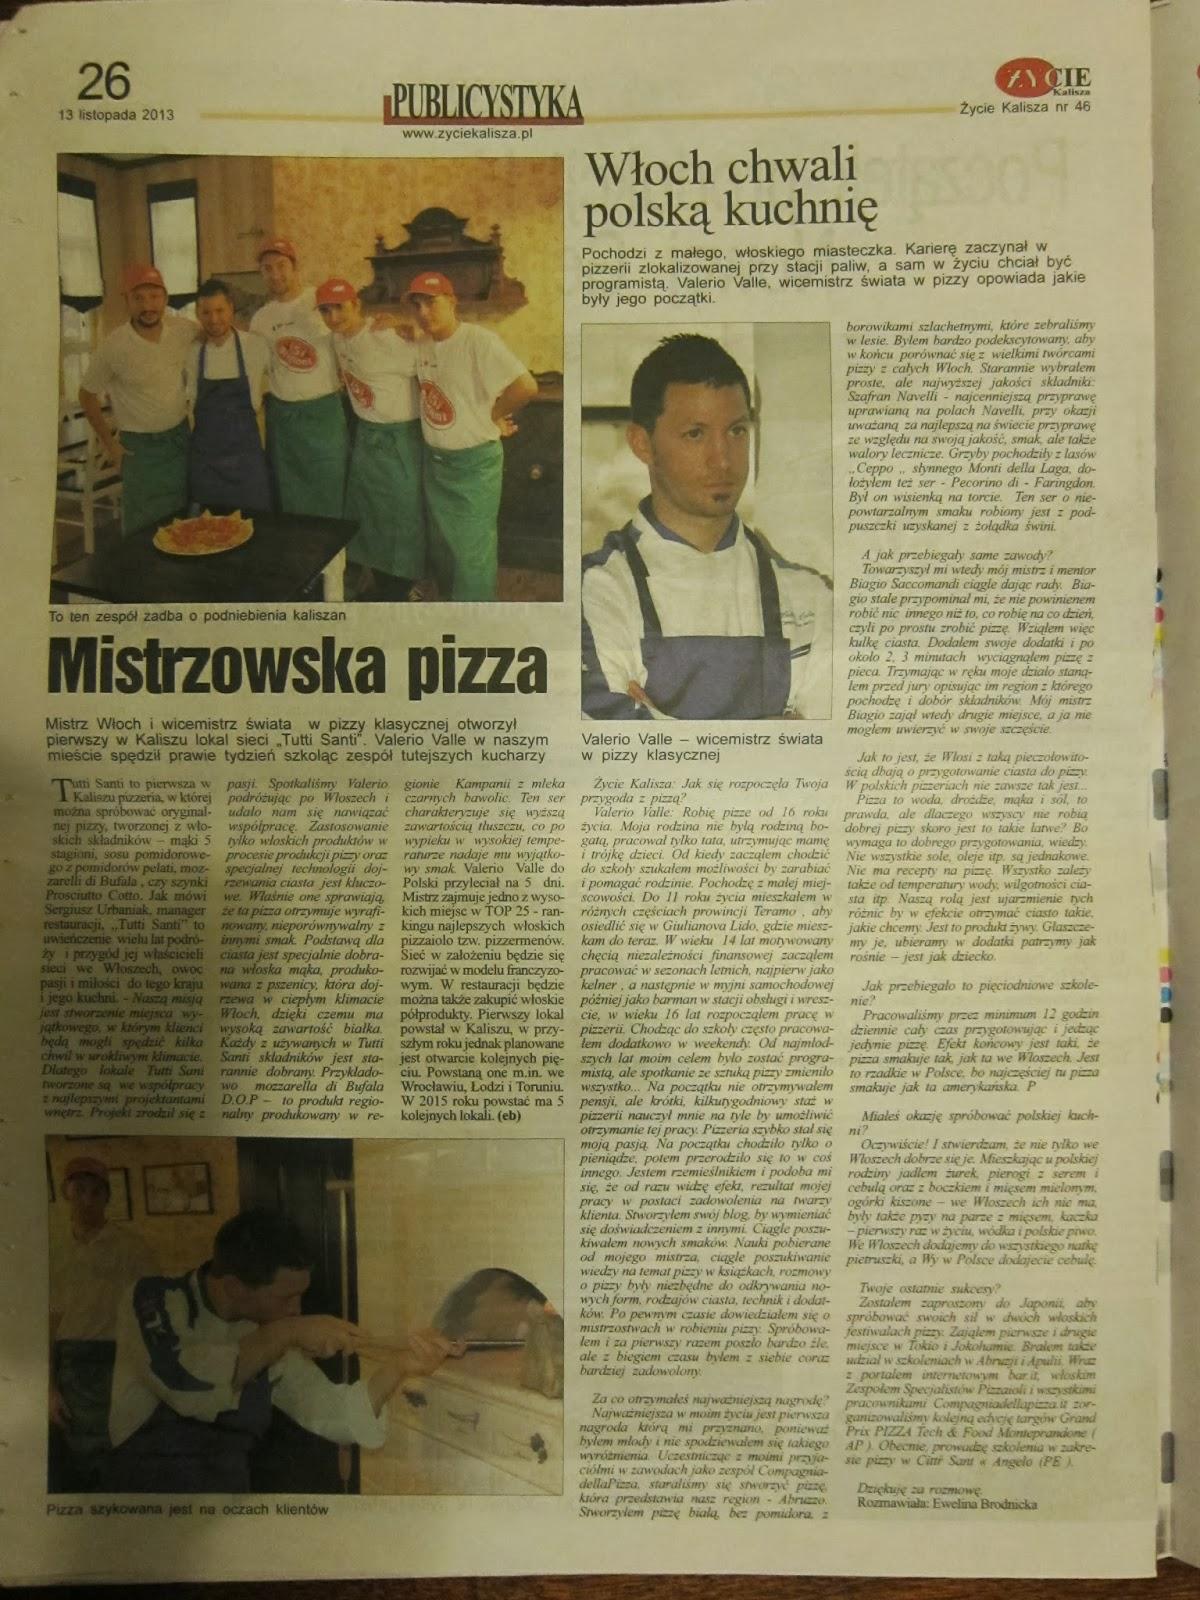 Mistrzowska pizza